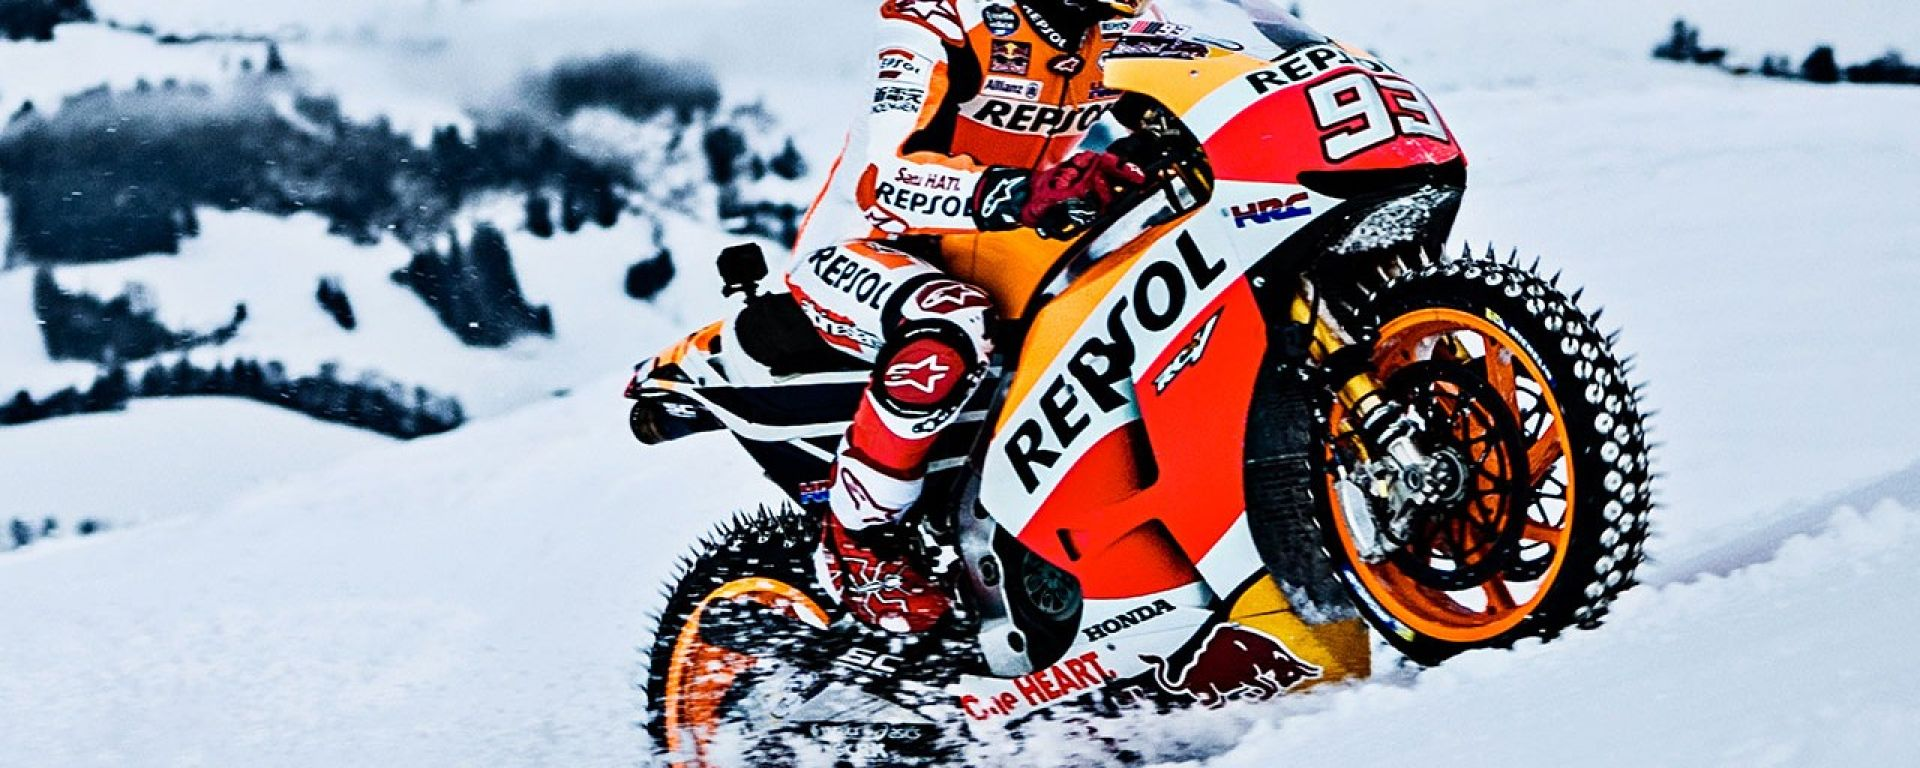 Consigli per l'inverno, come preparare la moto al letargo